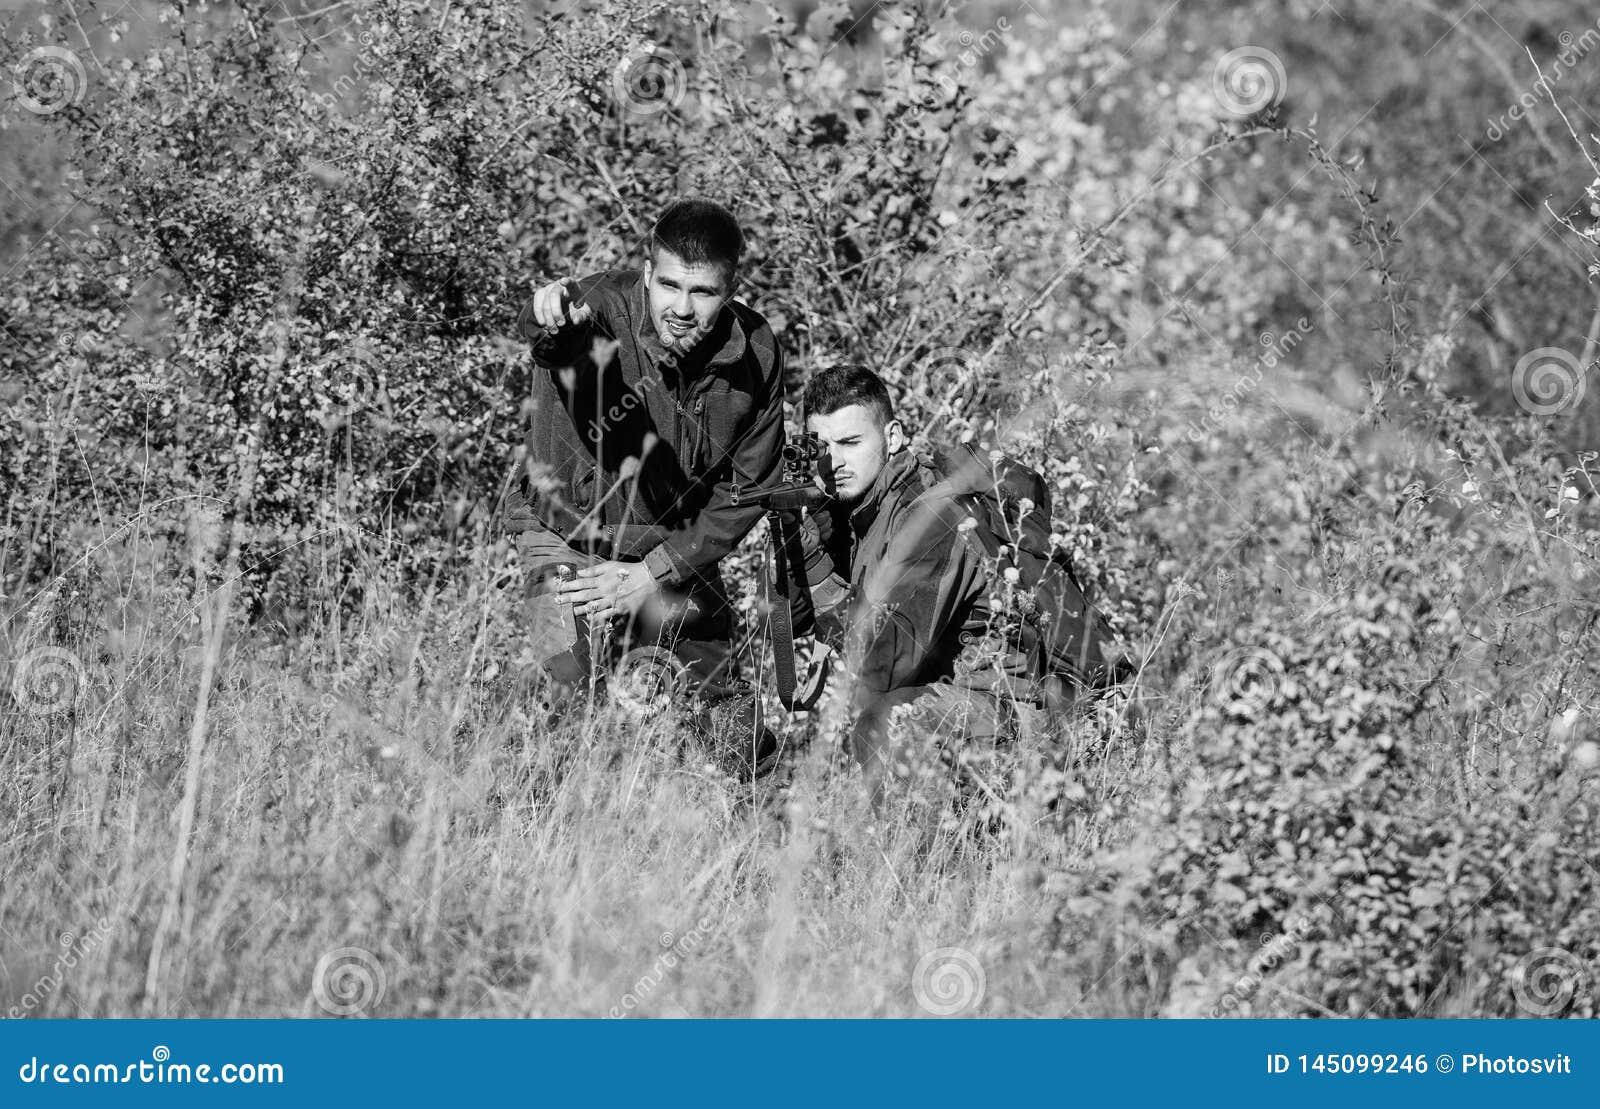 Forces d arm?e camouflage Mode uniforme militaire Amiti? des chasseurs des hommes Qualifications de chasse et ?quipement d arme c